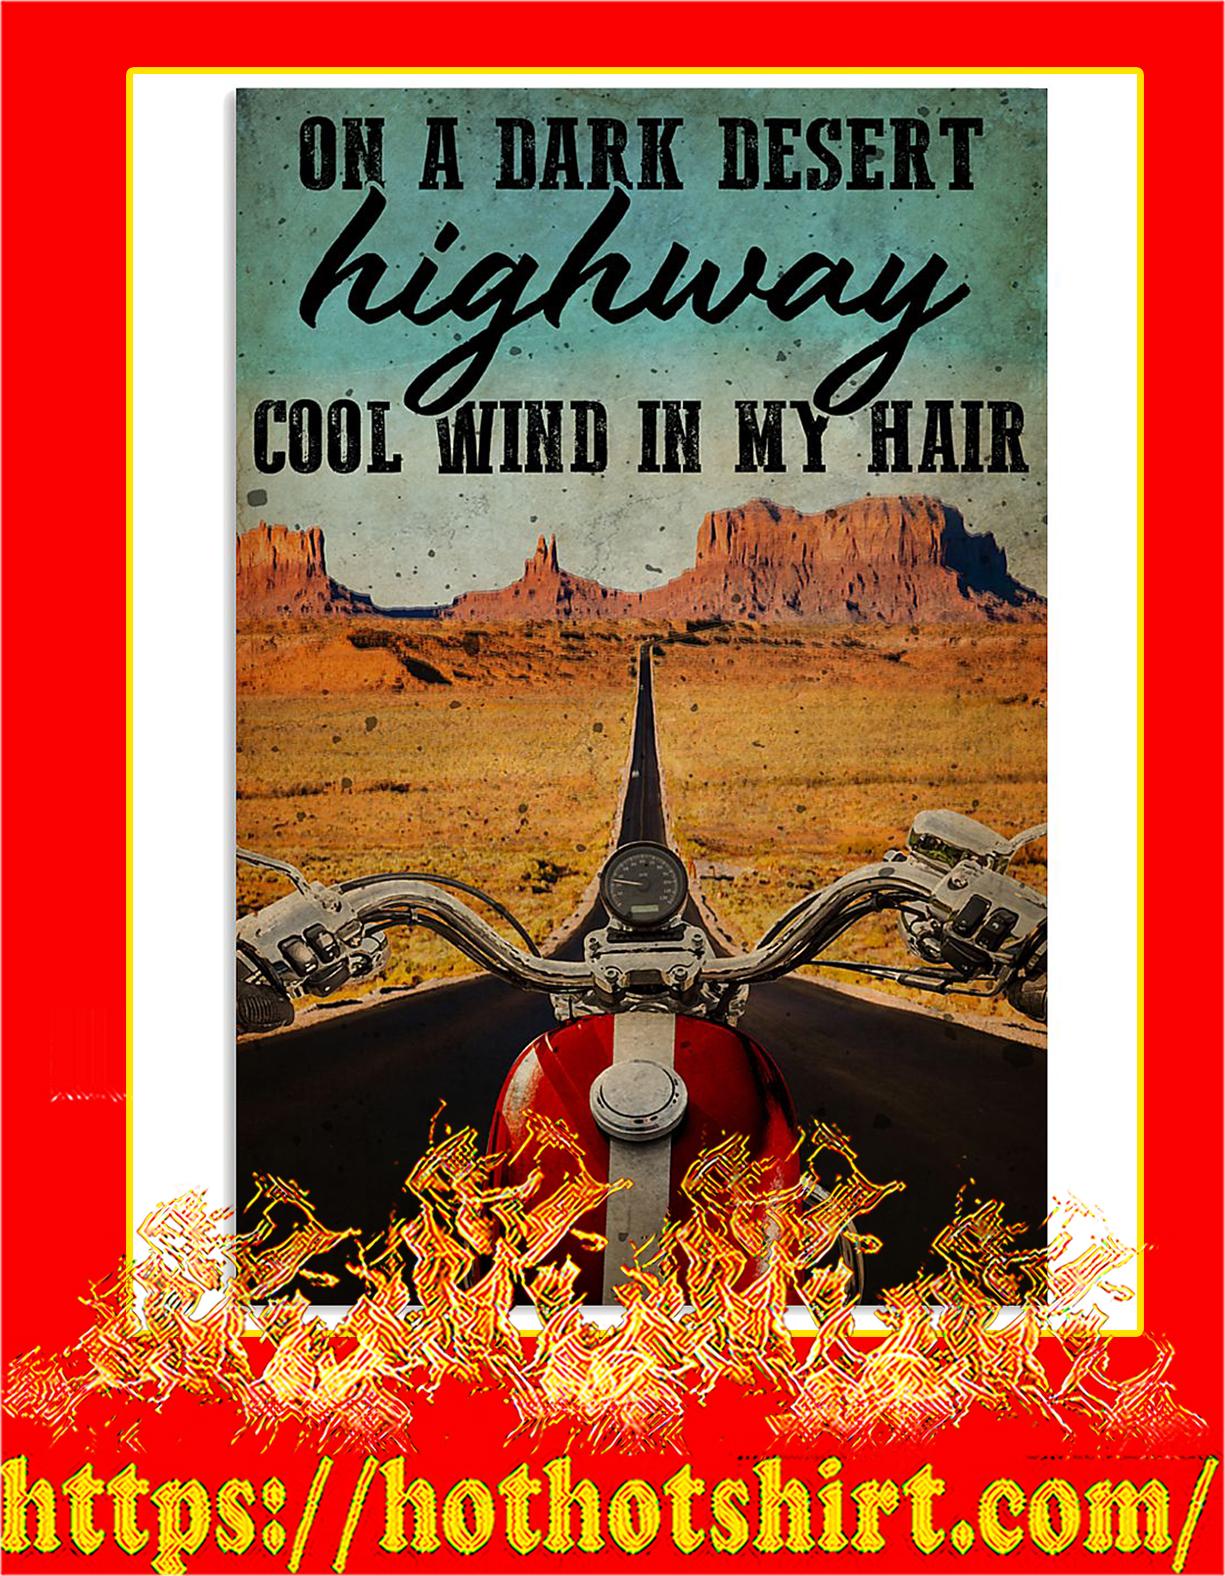 Biker On a dark desert highway cool wind in my hair poster